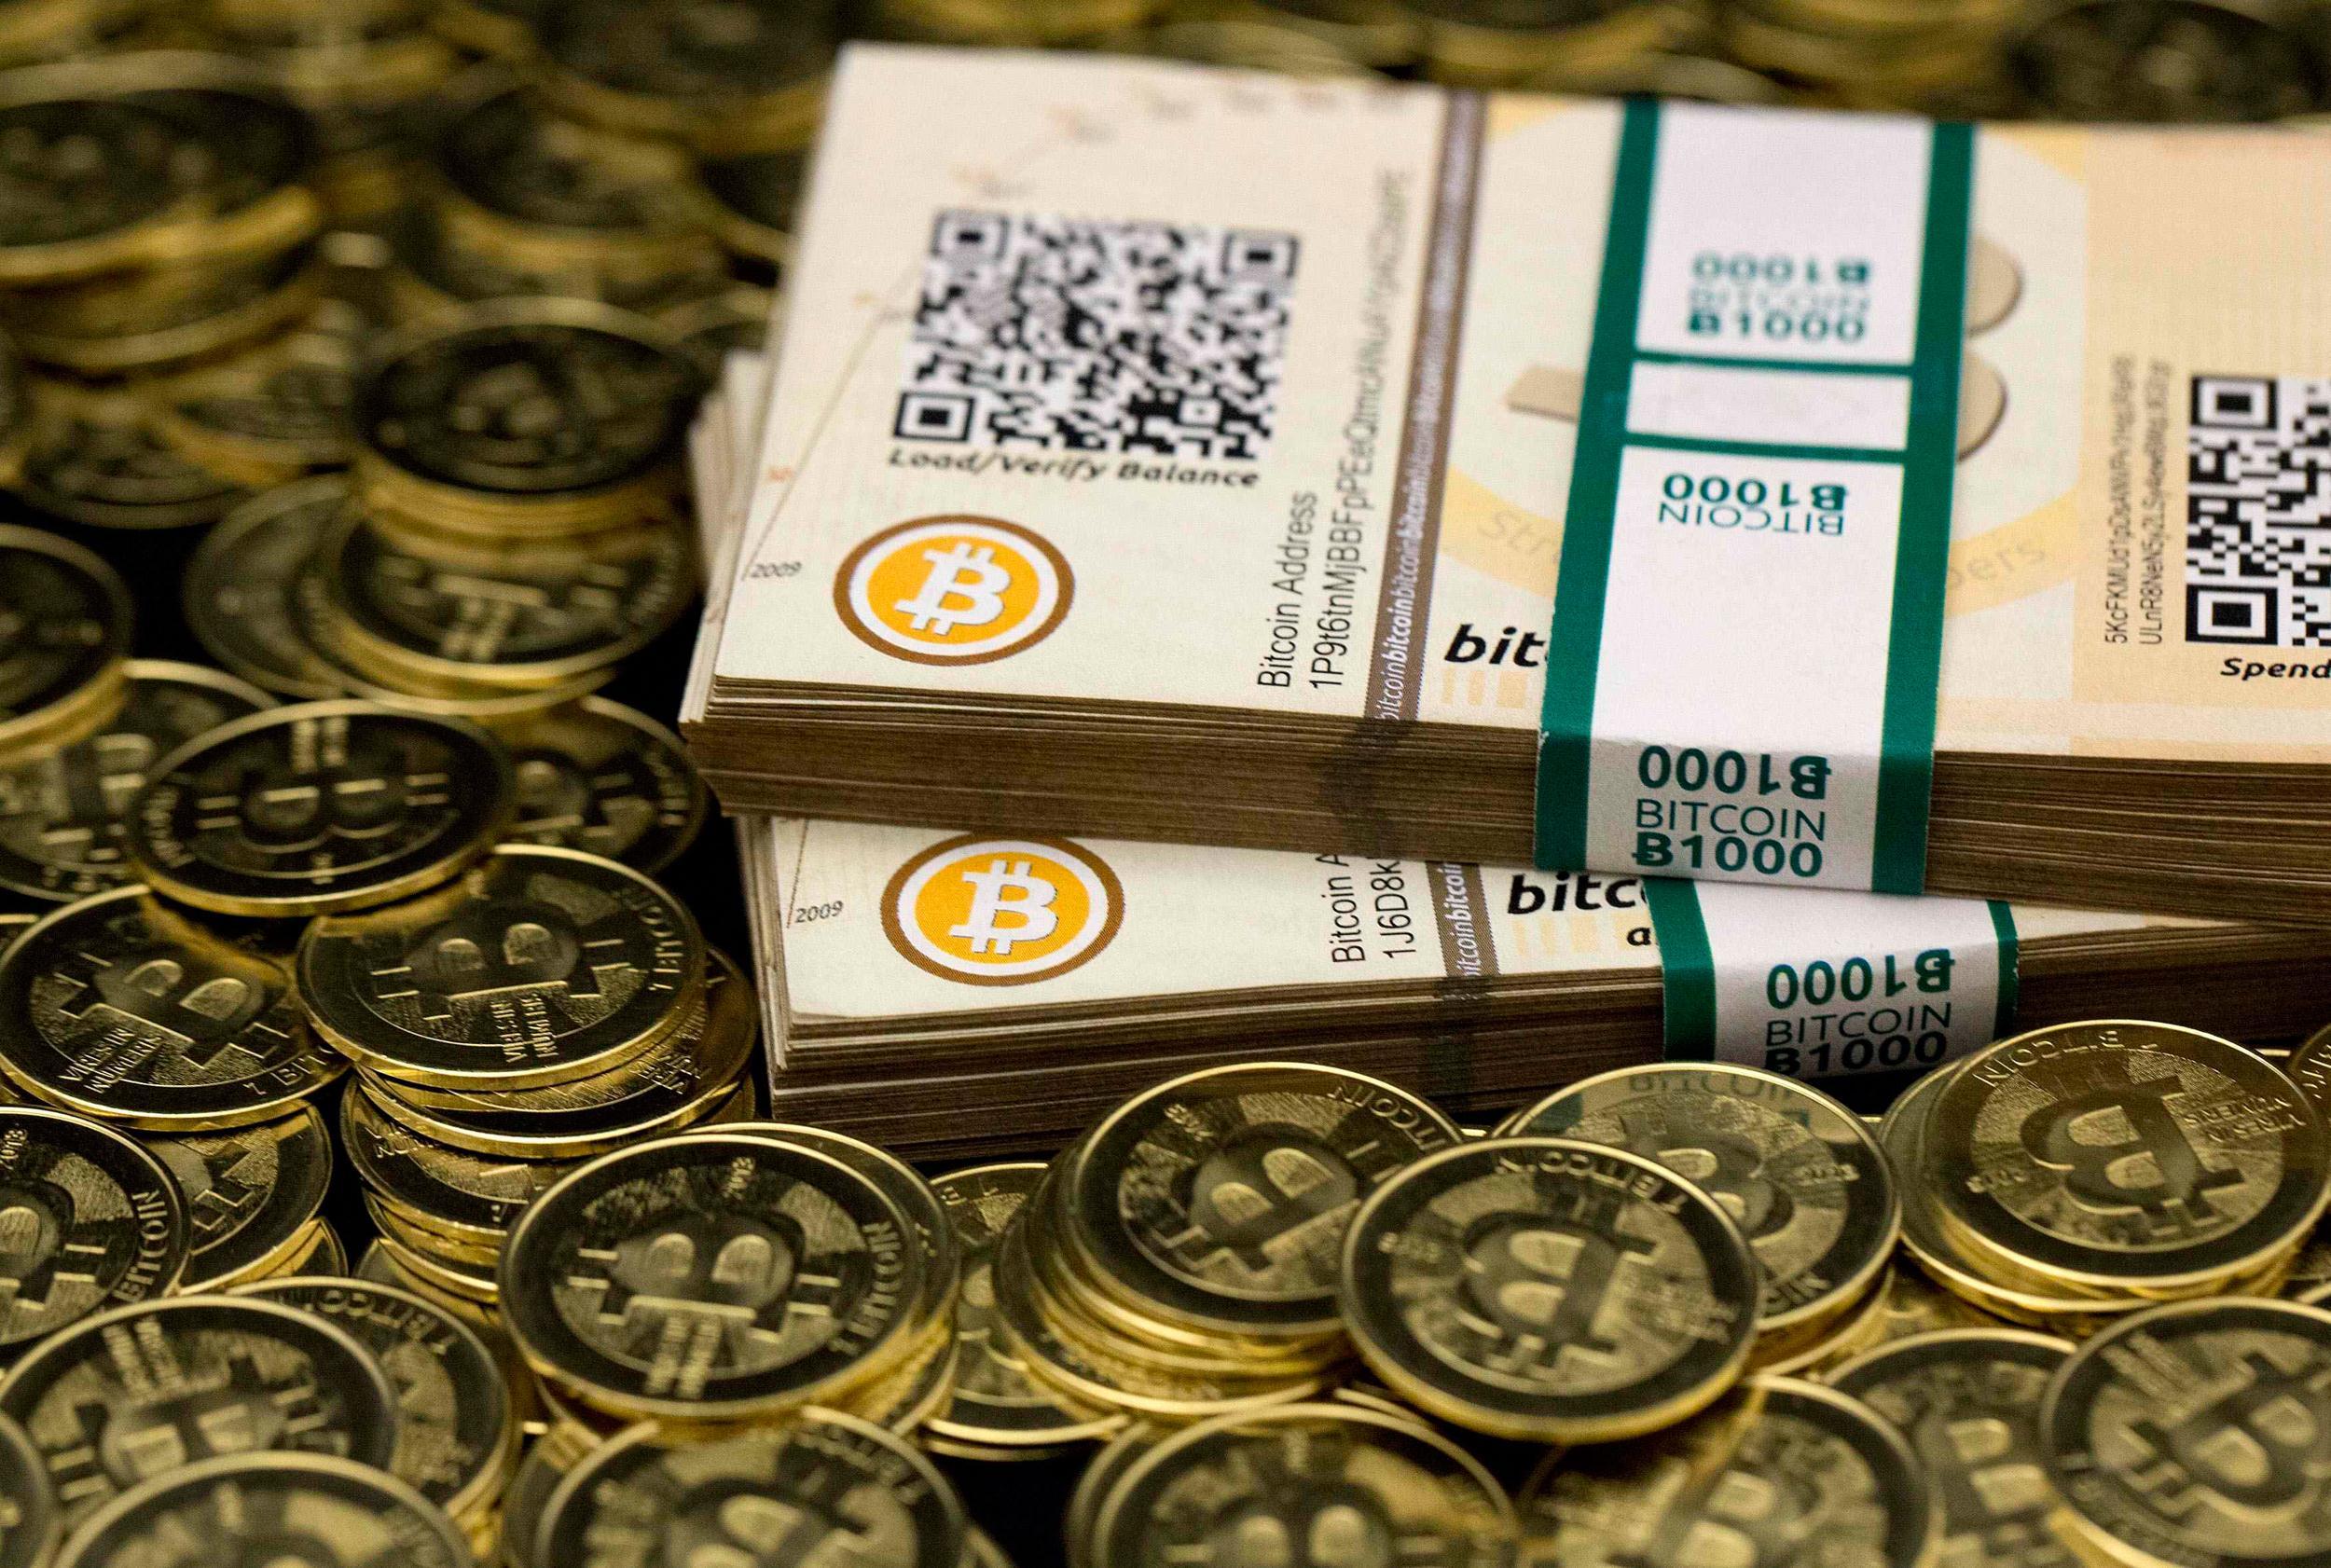 Vuoi usare i bitcoin? Ecco cosa ne pensa il Fisco in Italia e in Europa